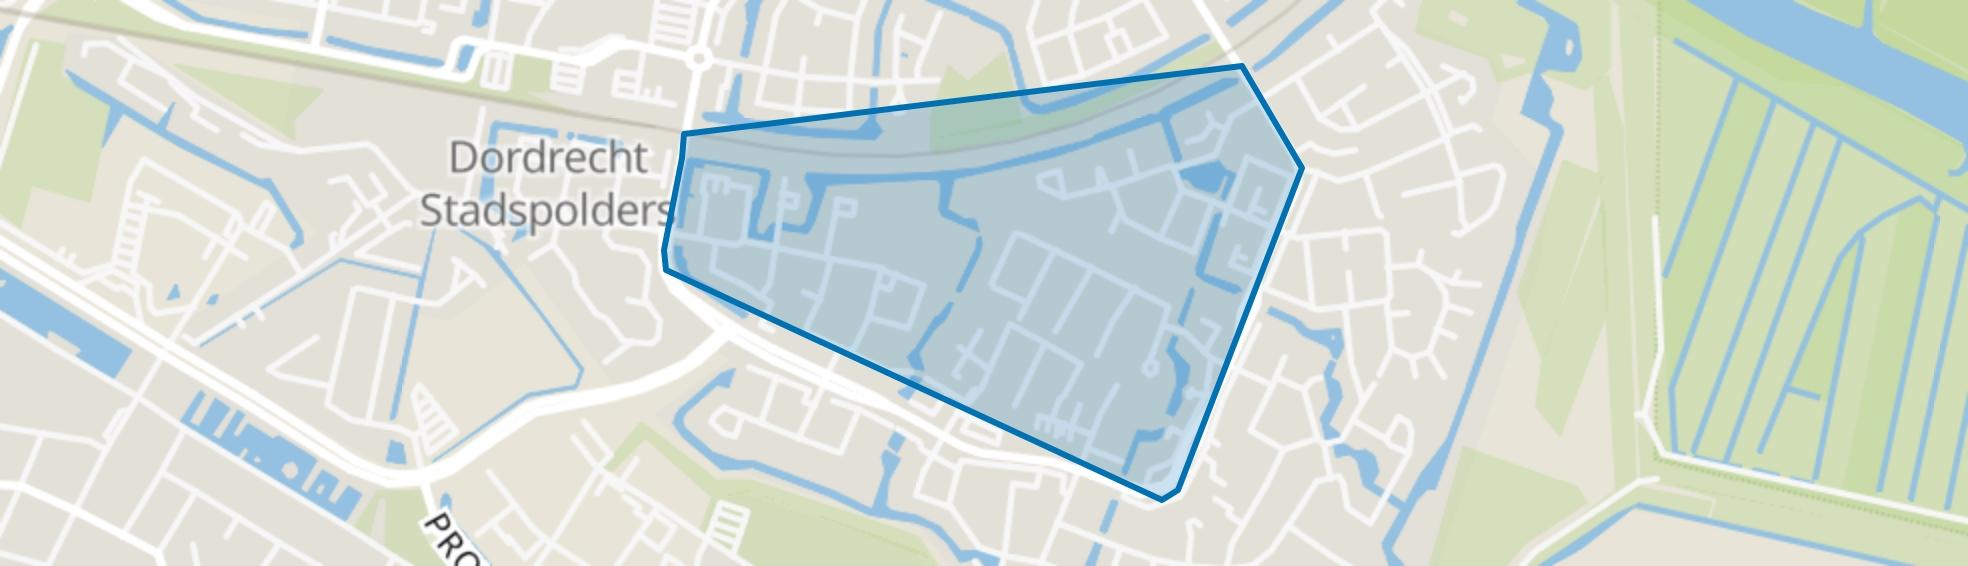 Pearl Buck-erf en omgeving, Dordrecht map